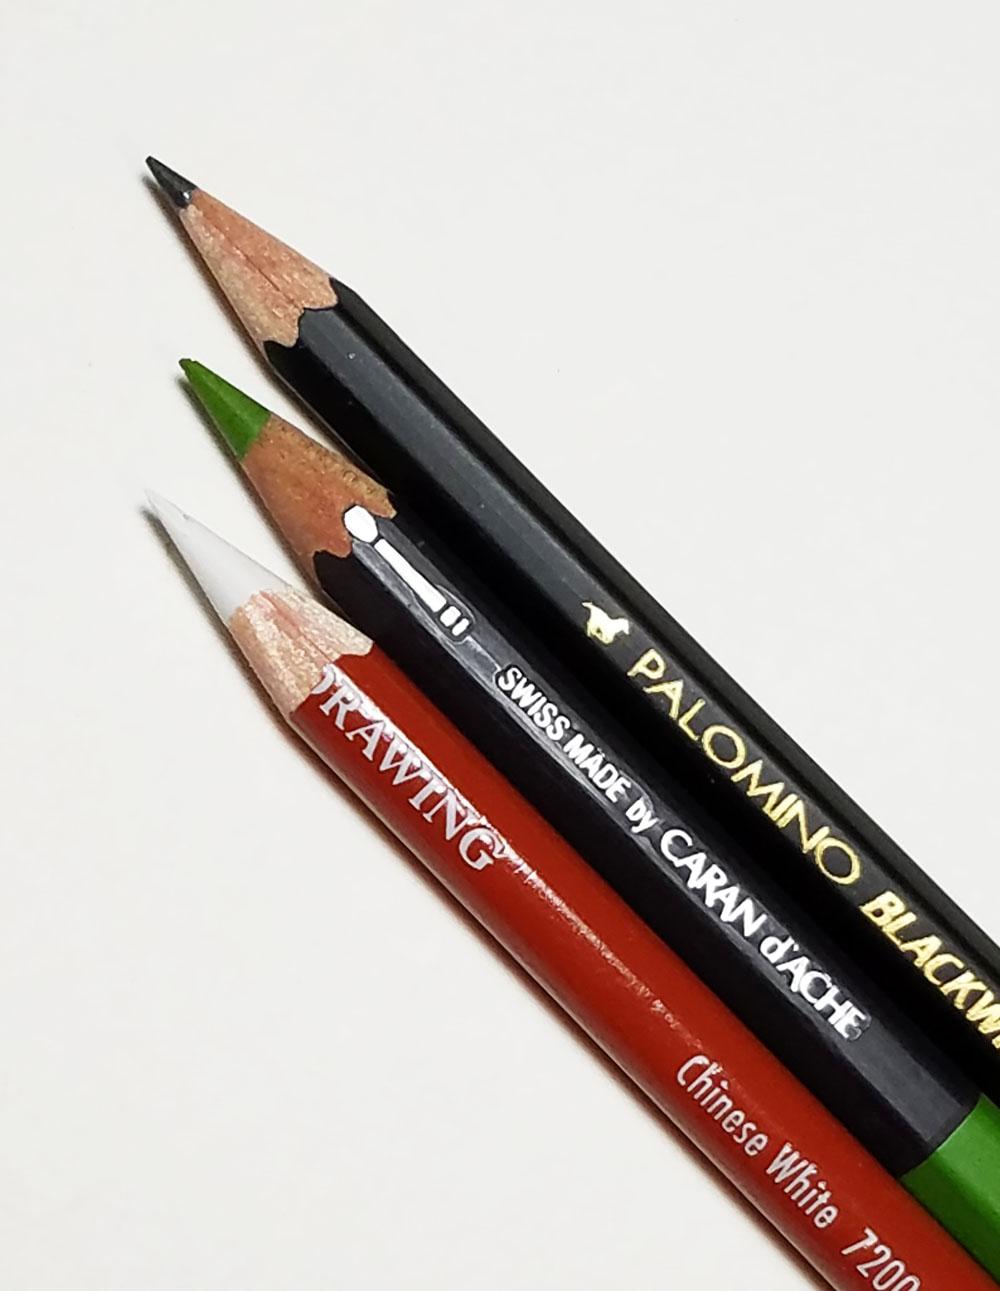 Kum Lefty pencil sharpener pencils tested